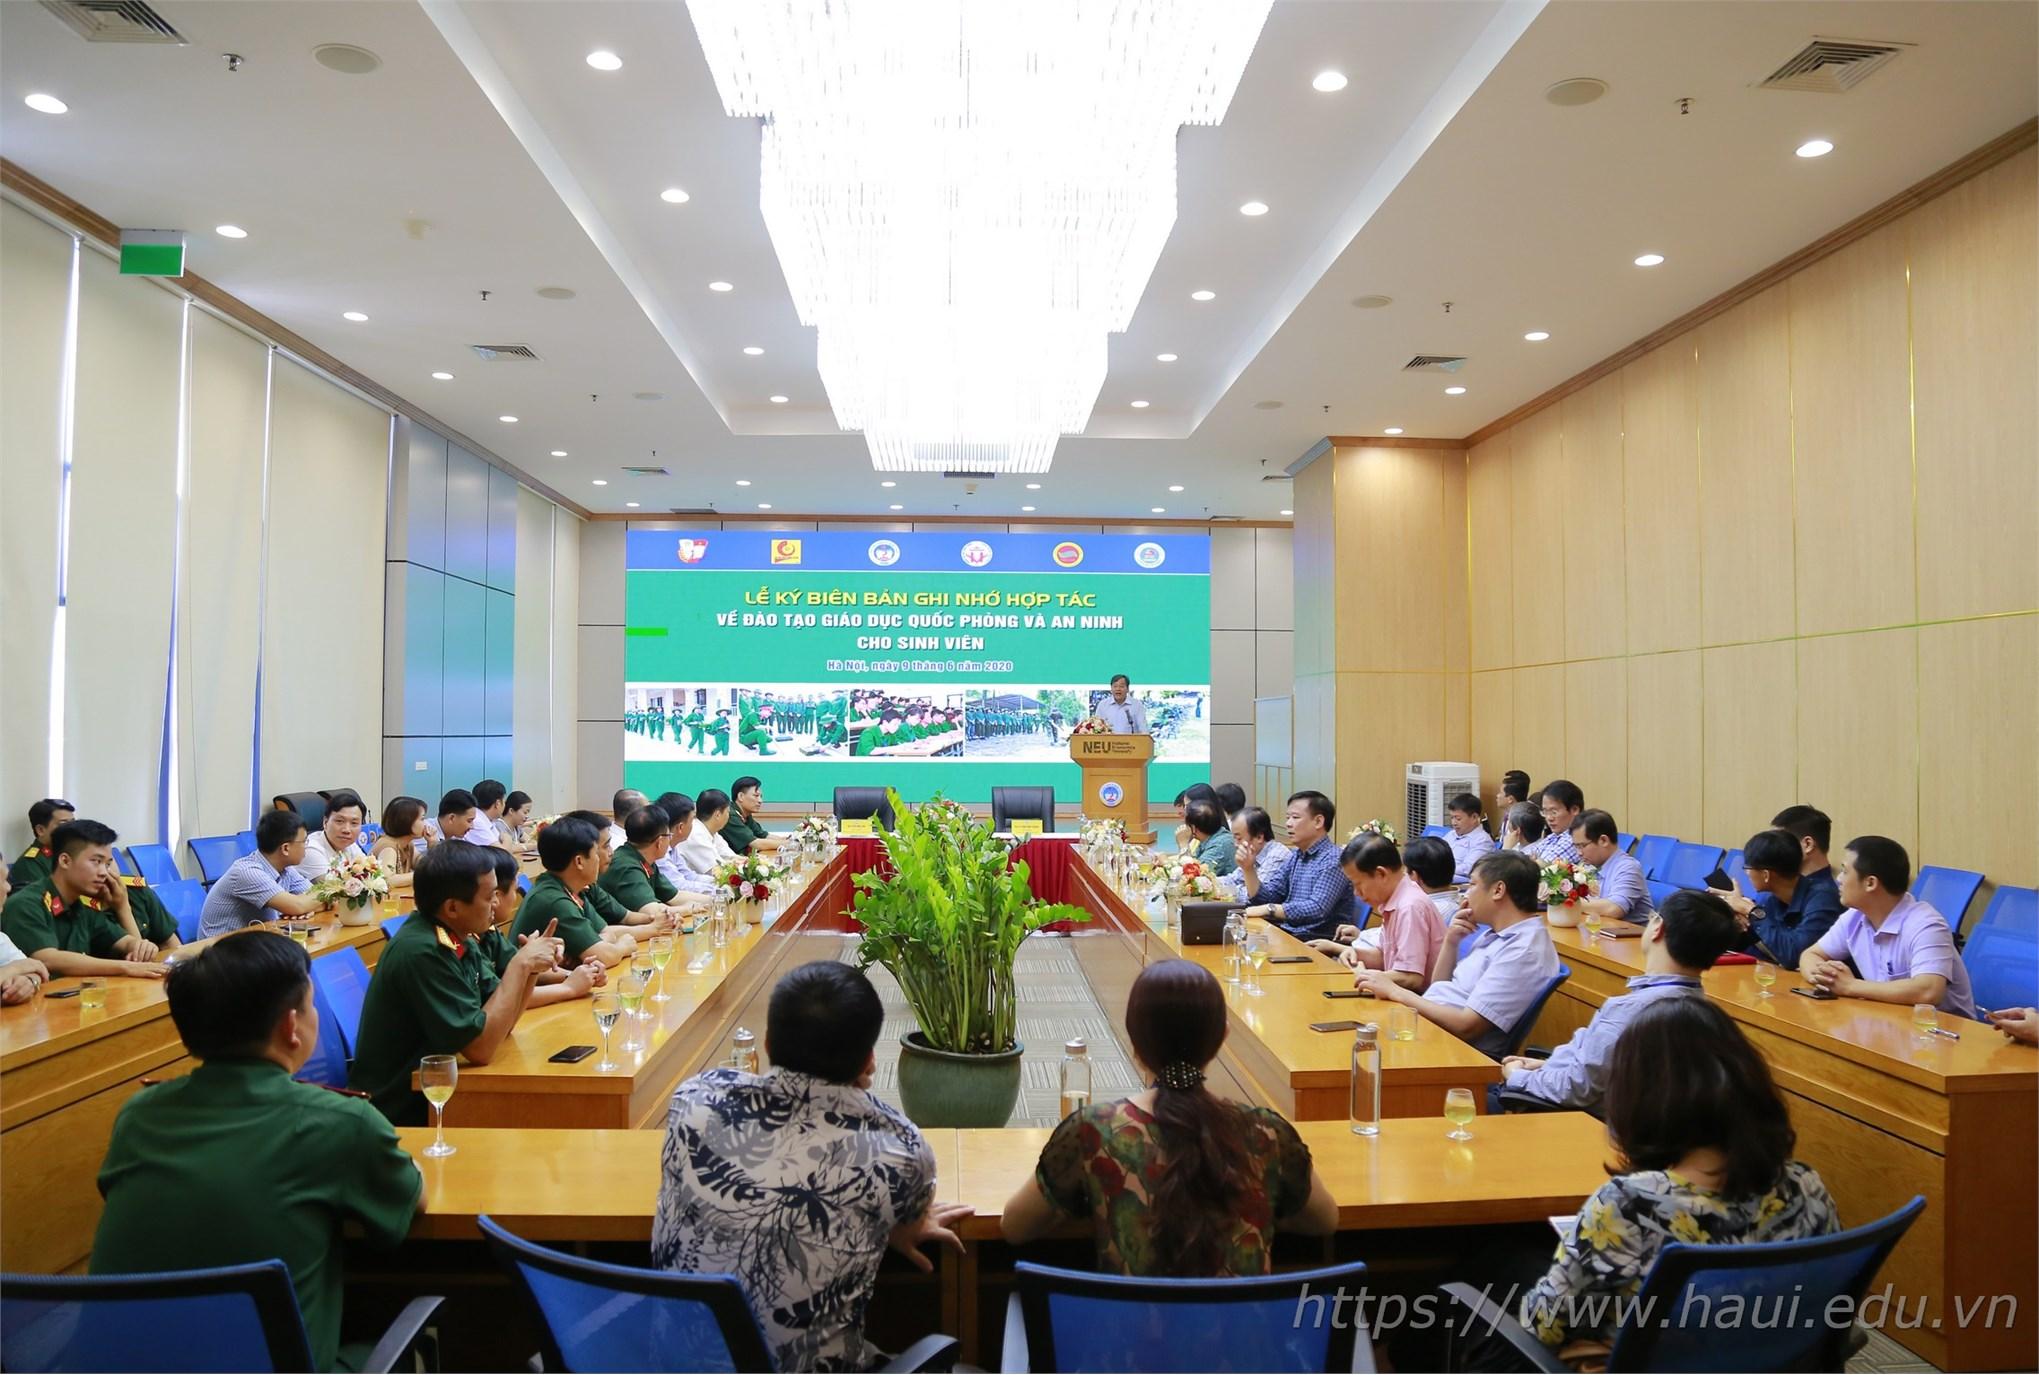 Đại học Công nghiệp Hà Nội hợp tác đào tạo giáo dục quốc phòng và an ninh với Đại học Kinh tế Quốc dân